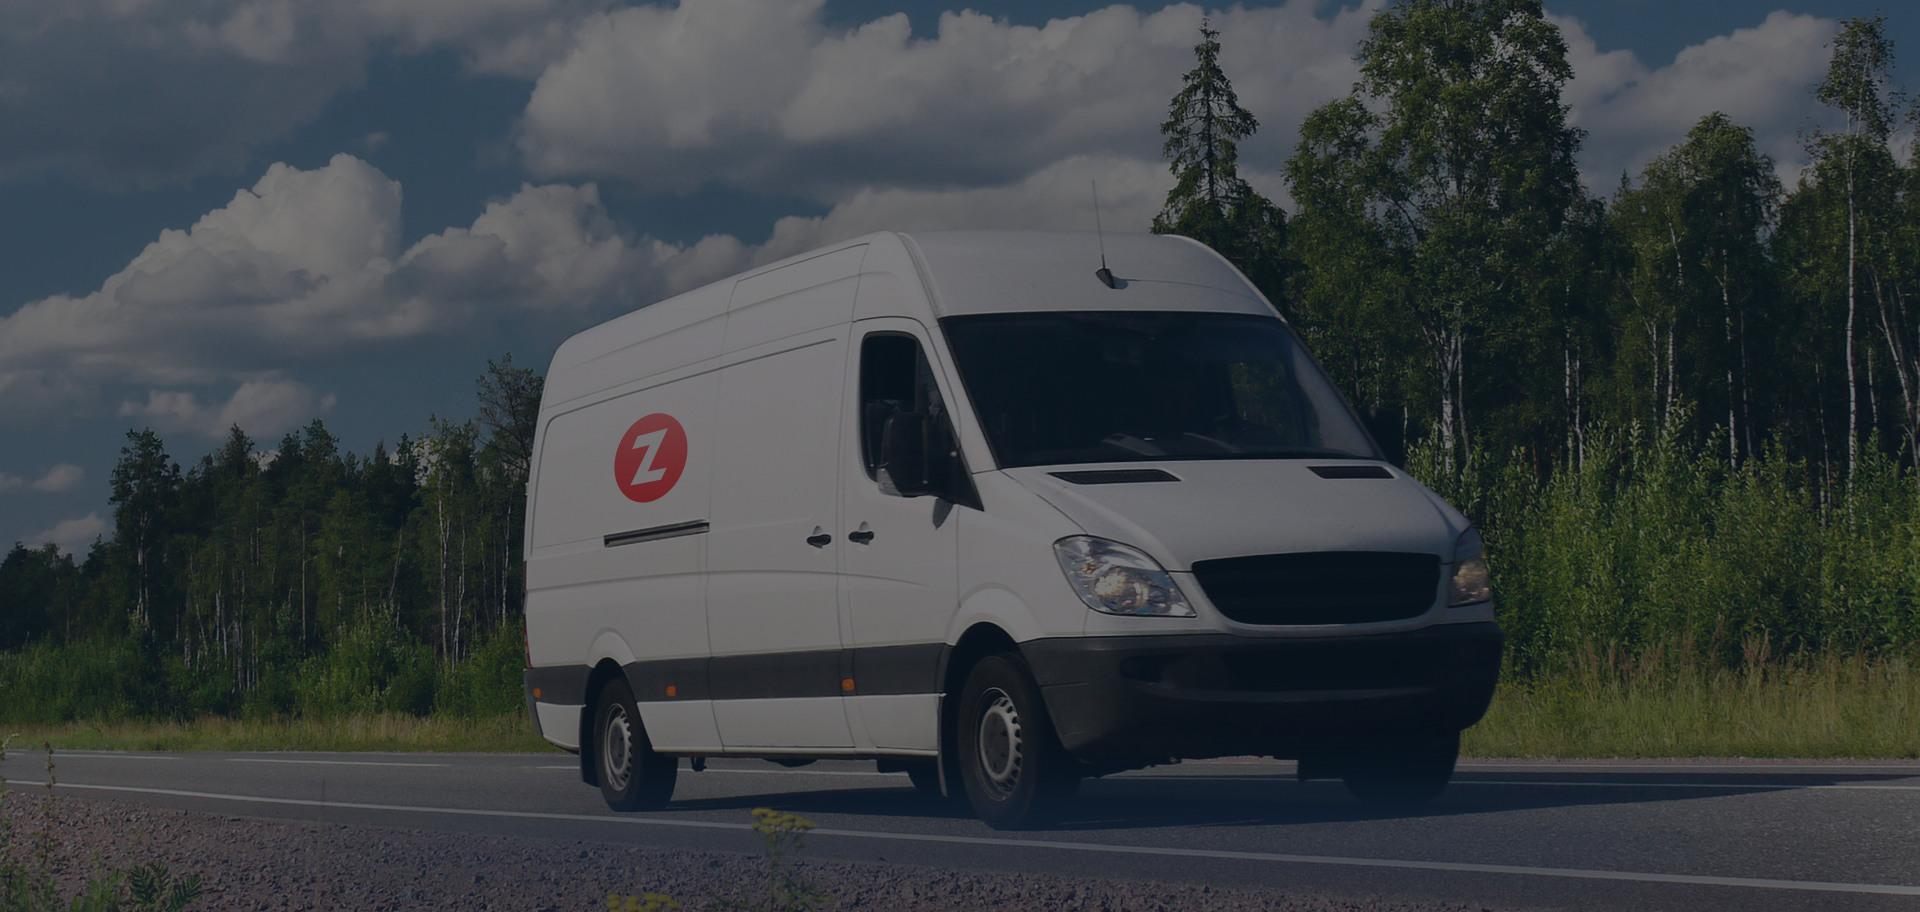 ed9f8962a3ab0 Курьерская и почтовая доставка товаров для интернет-магазинов - один ...